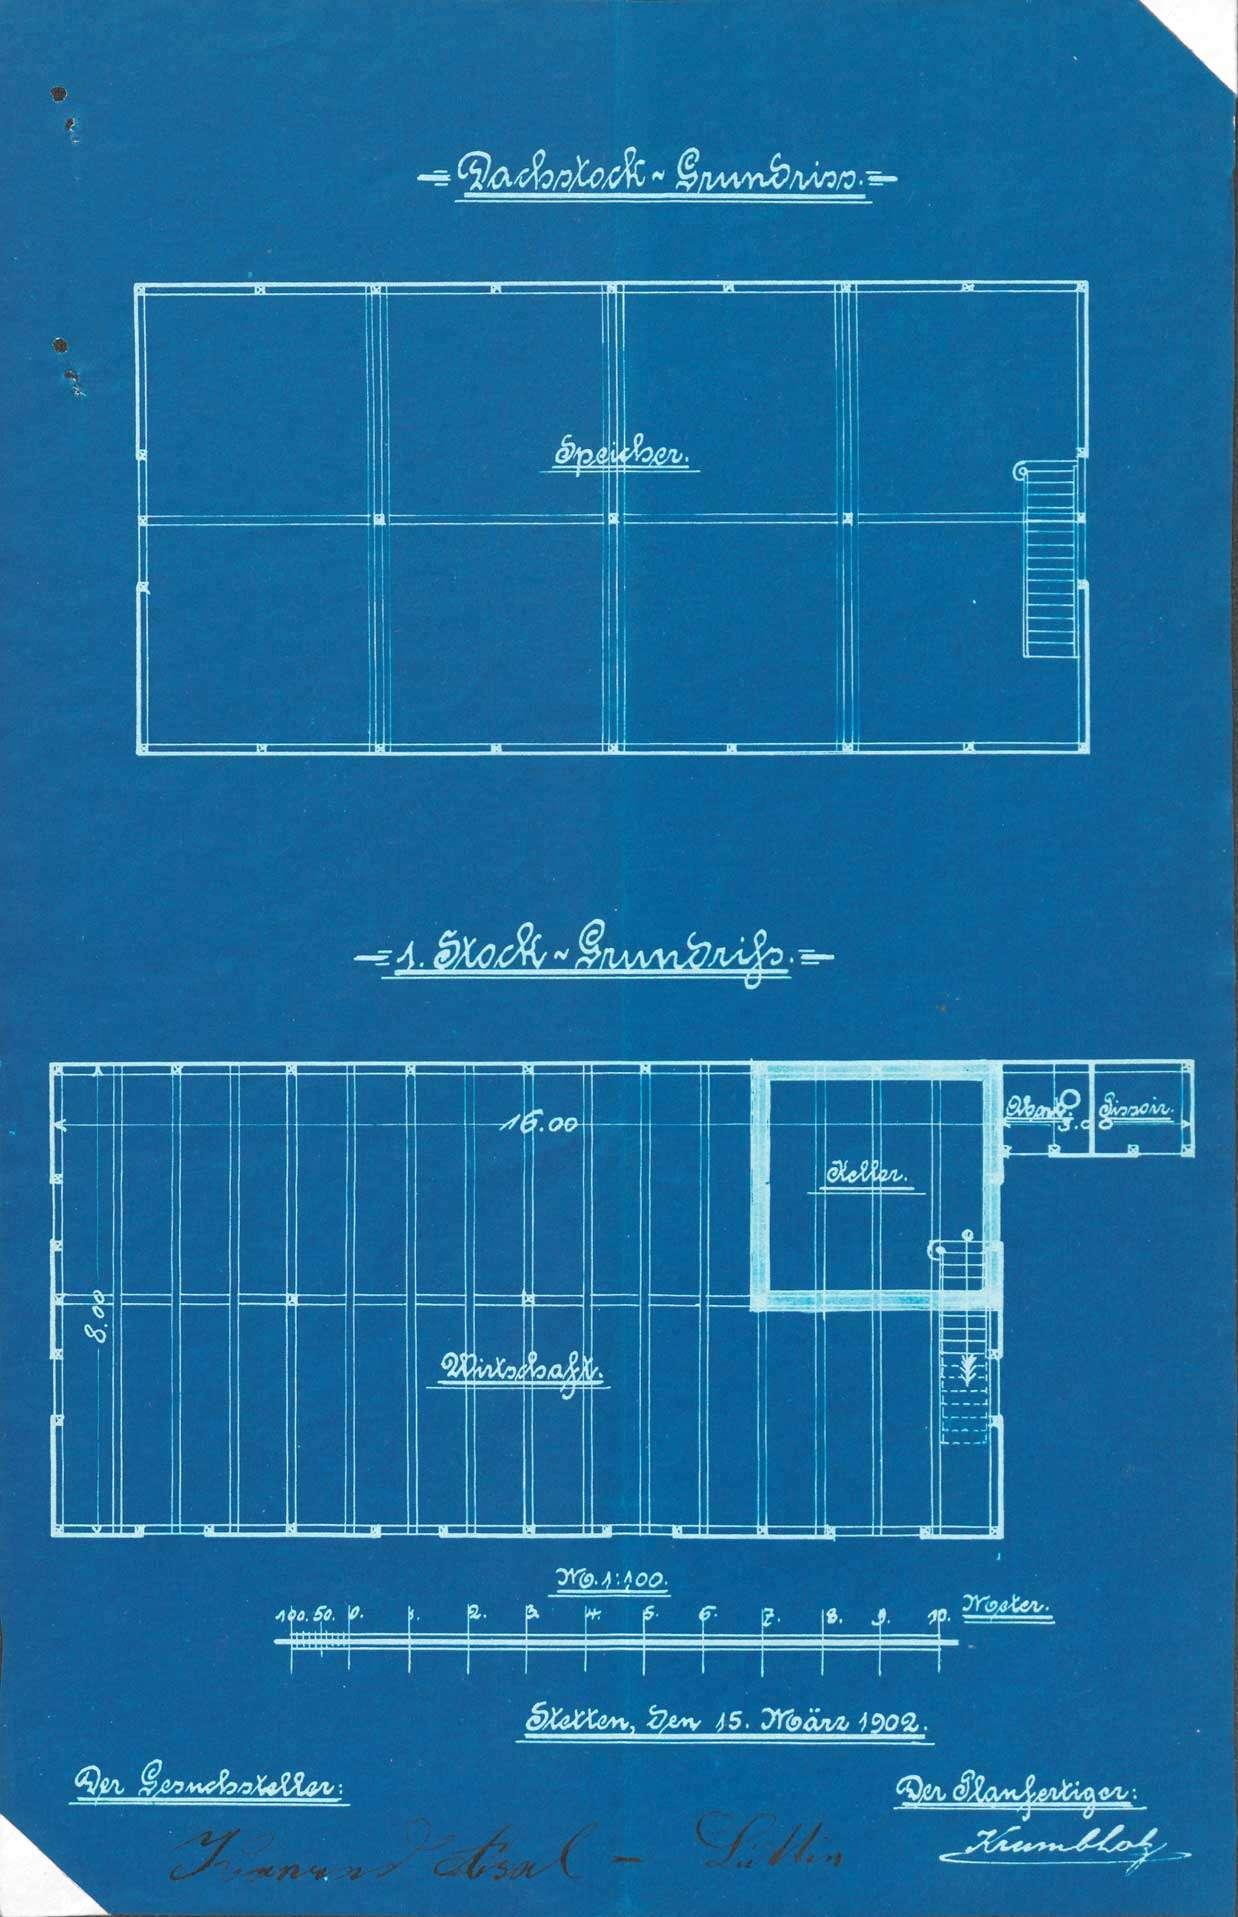 Gesuch des Conrad Asal von Stetten um Erlaubnis zum Betrieb einer Barackenwirtschaft auf Gemarkung Huttingen, Bild 2